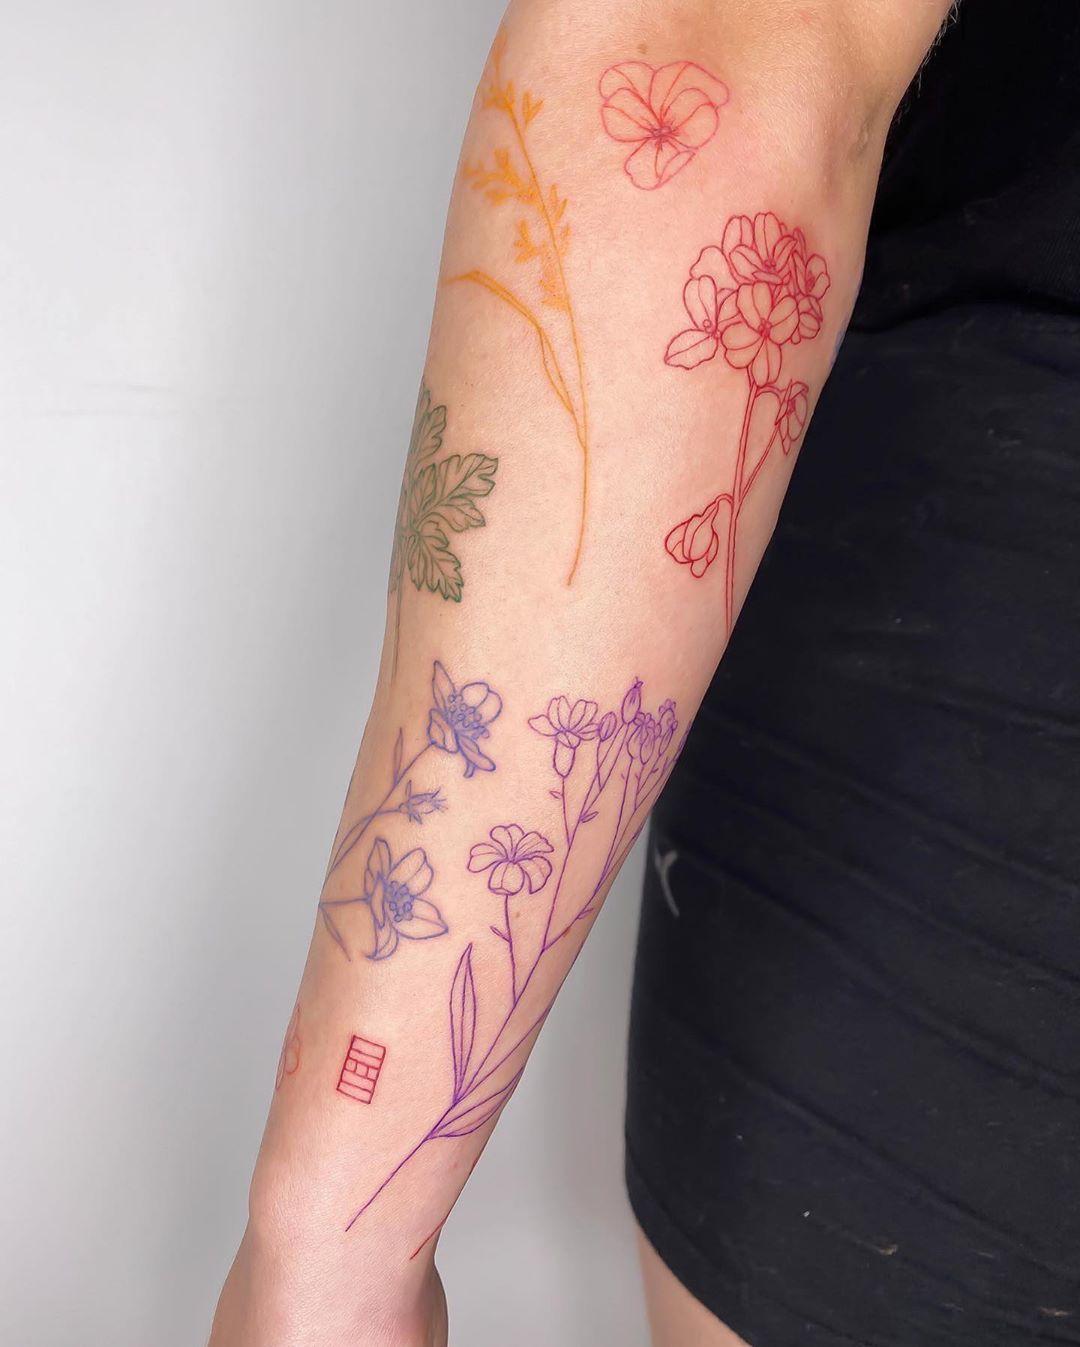 Tatuagem de flores: 65 ideias lindas para tatuar [